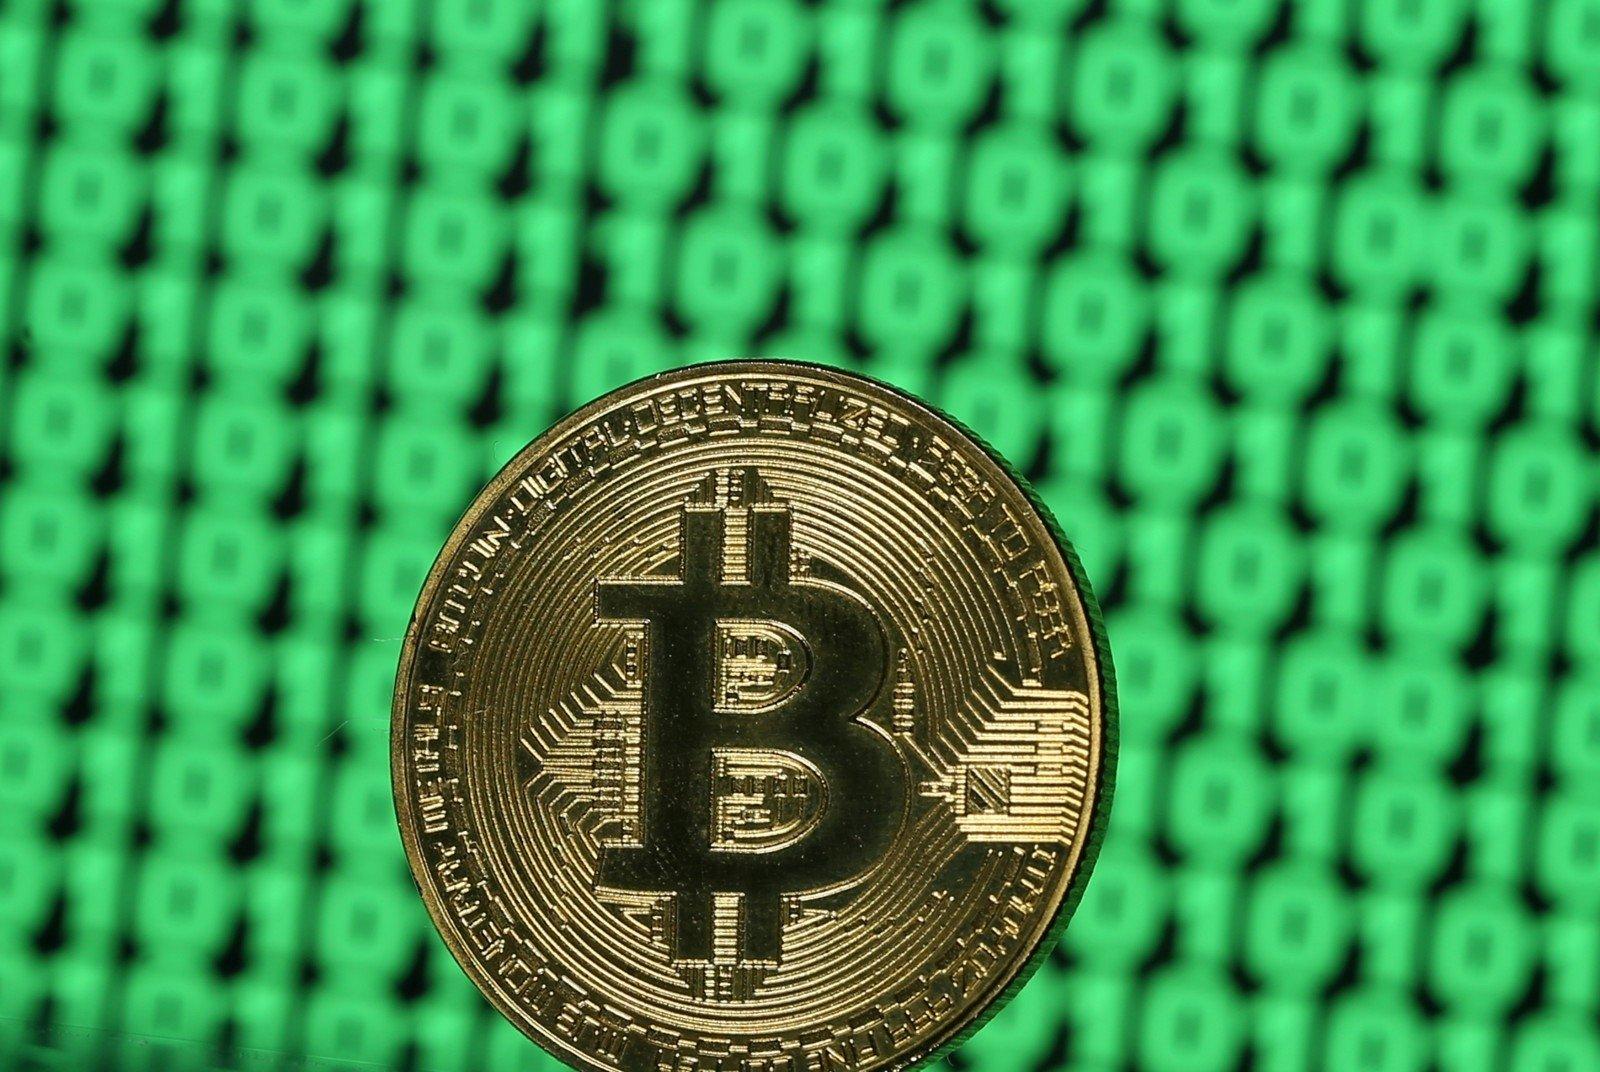 Taip investuoti pinigus į bitkoinus Kodėl Verta